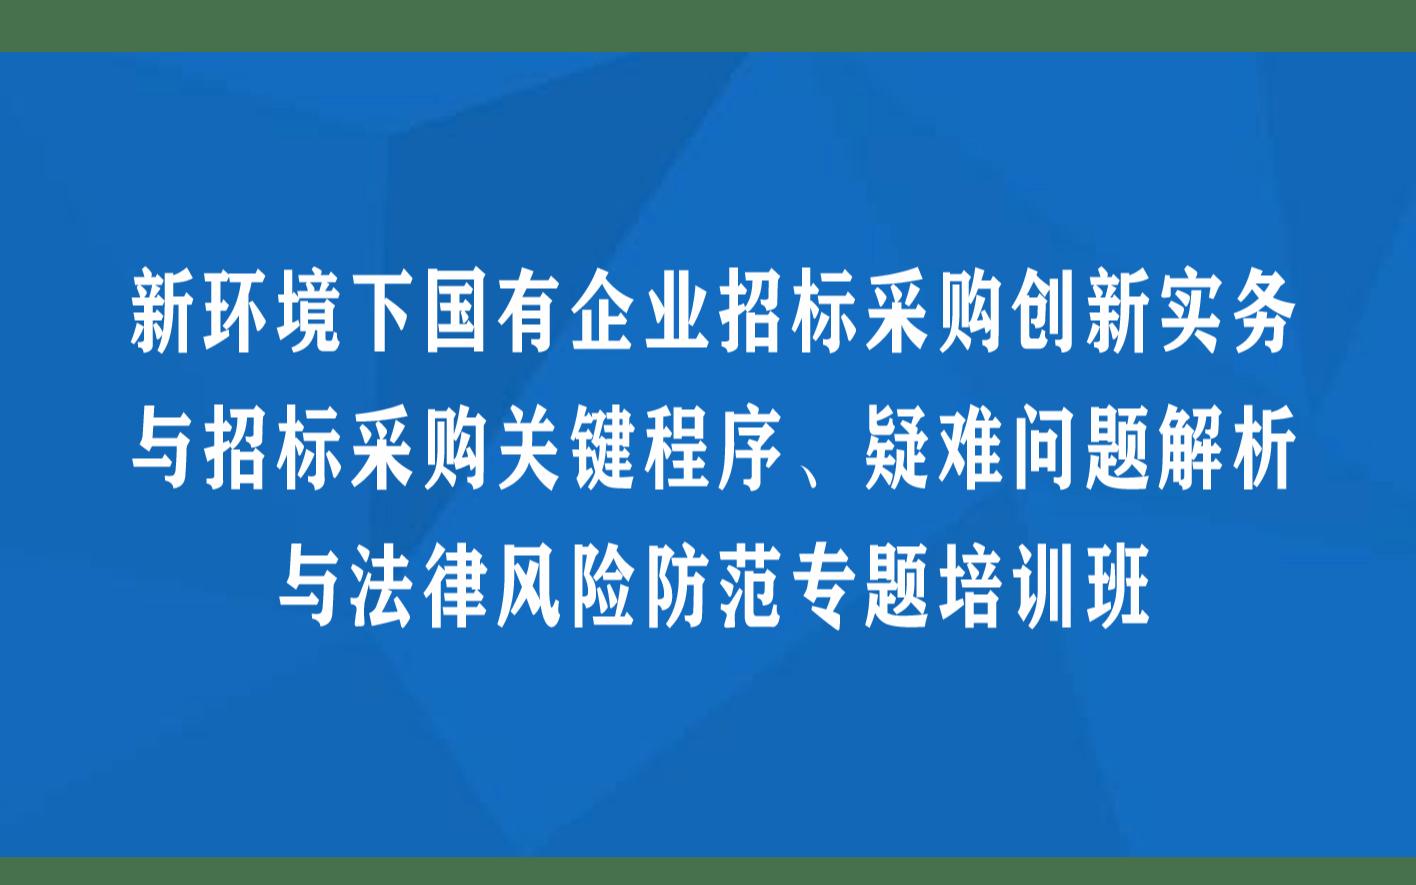 線下課程:新環境下國有企業招標采購創新實務與招標采購關鍵程序、疑難問題解析與法律風險防范專題培訓班(8月成都)